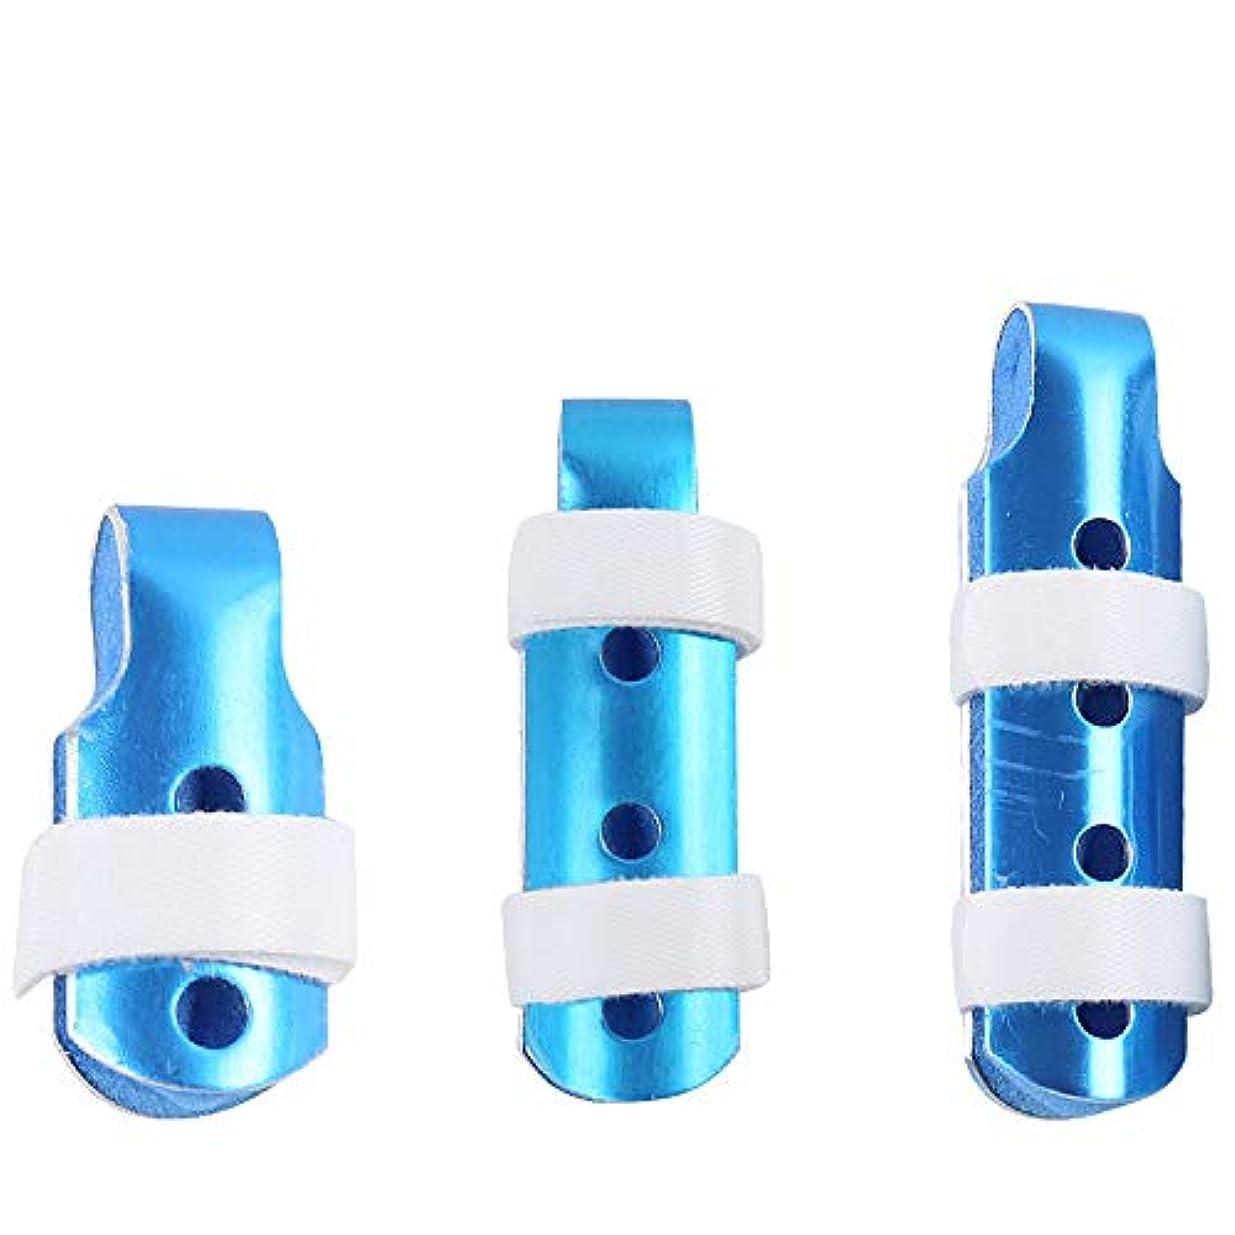 ヒロイック紫の道徳指の添え木、調節可能なサポート引き金、関節保護指の傷害防止用プロテクター、フックとループストラップで折り重ね(3個)